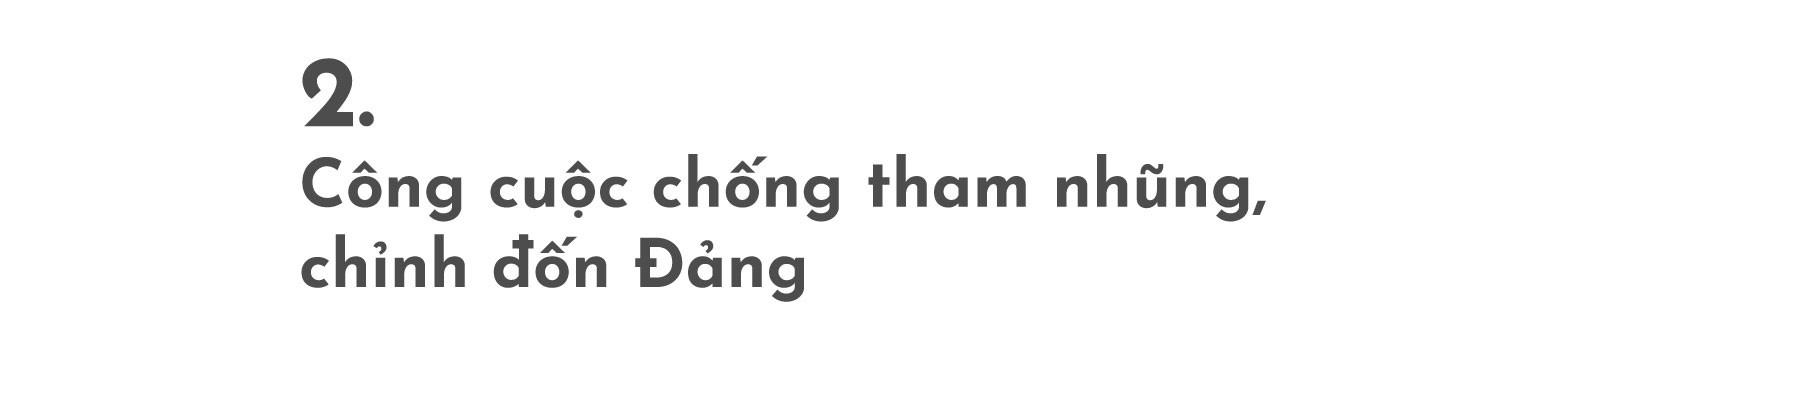 [eMagazine] - 10 sự kiện nổi bật của Việt Nam năm 2018 - Ảnh 4.